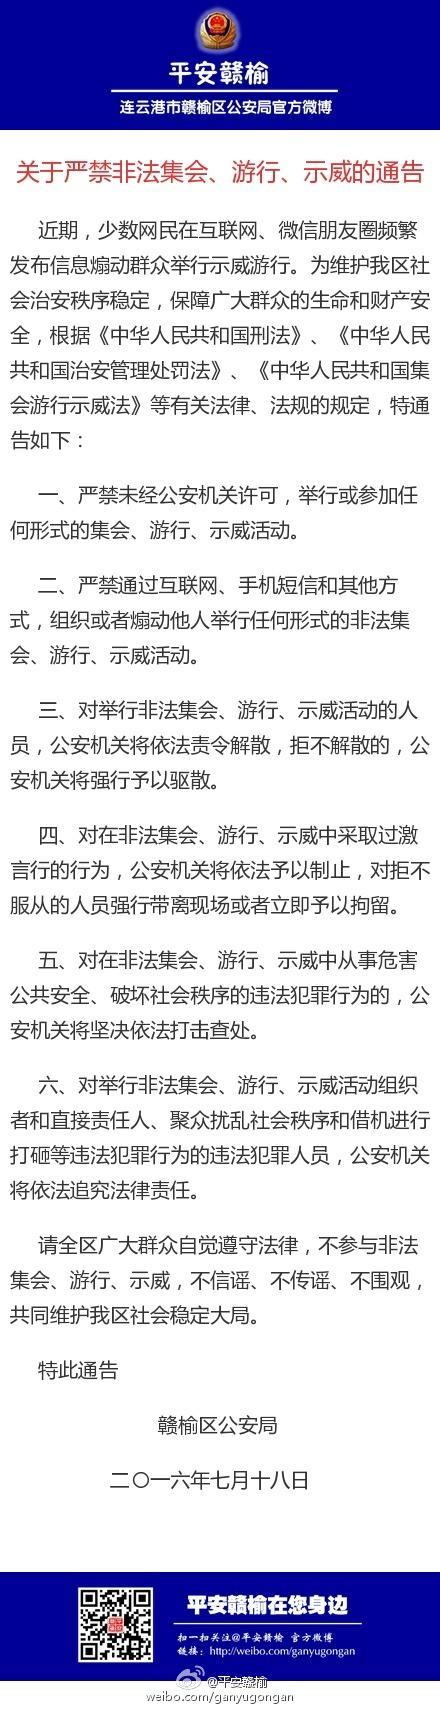 江苏赣榆县公安局:少数网民近期在互联网频繁煽动群众游行